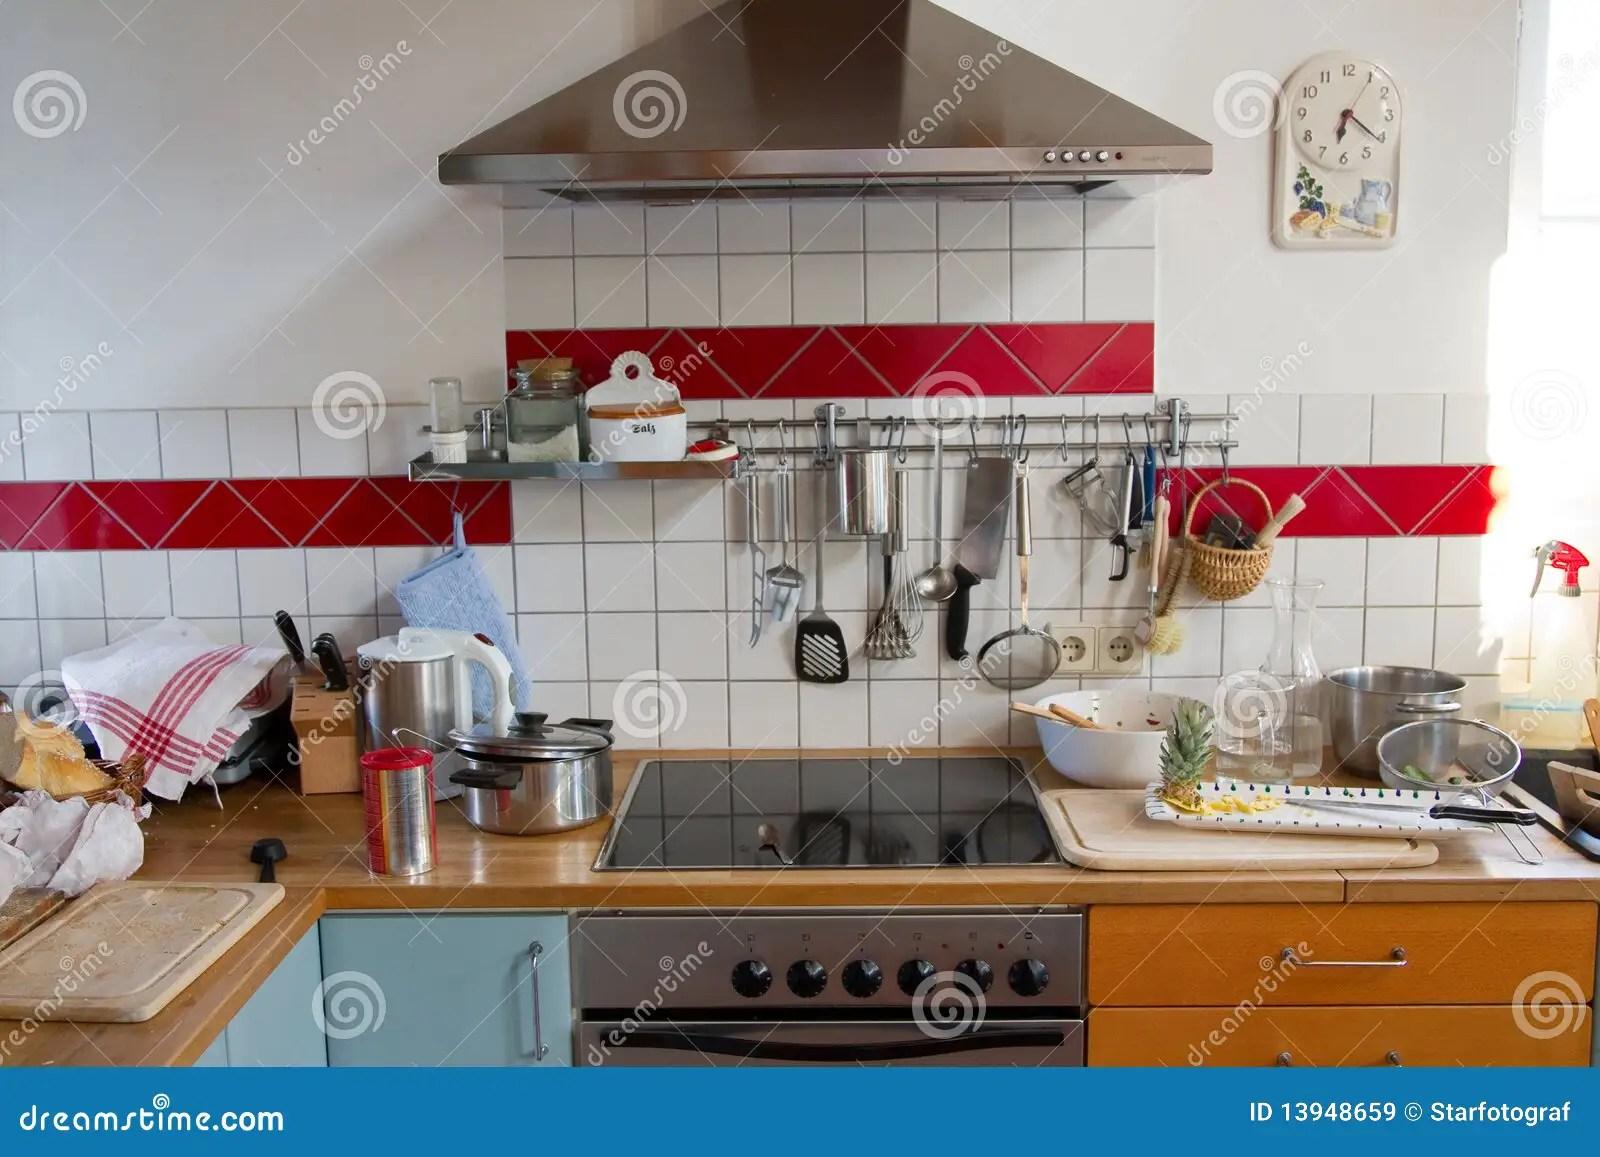 in stock kitchens kitchen layout designs for small spaces 混乱厨房库存图片 图片包括有陶器 烹饪器材 发烟 折让 固定 木头 混乱厨房